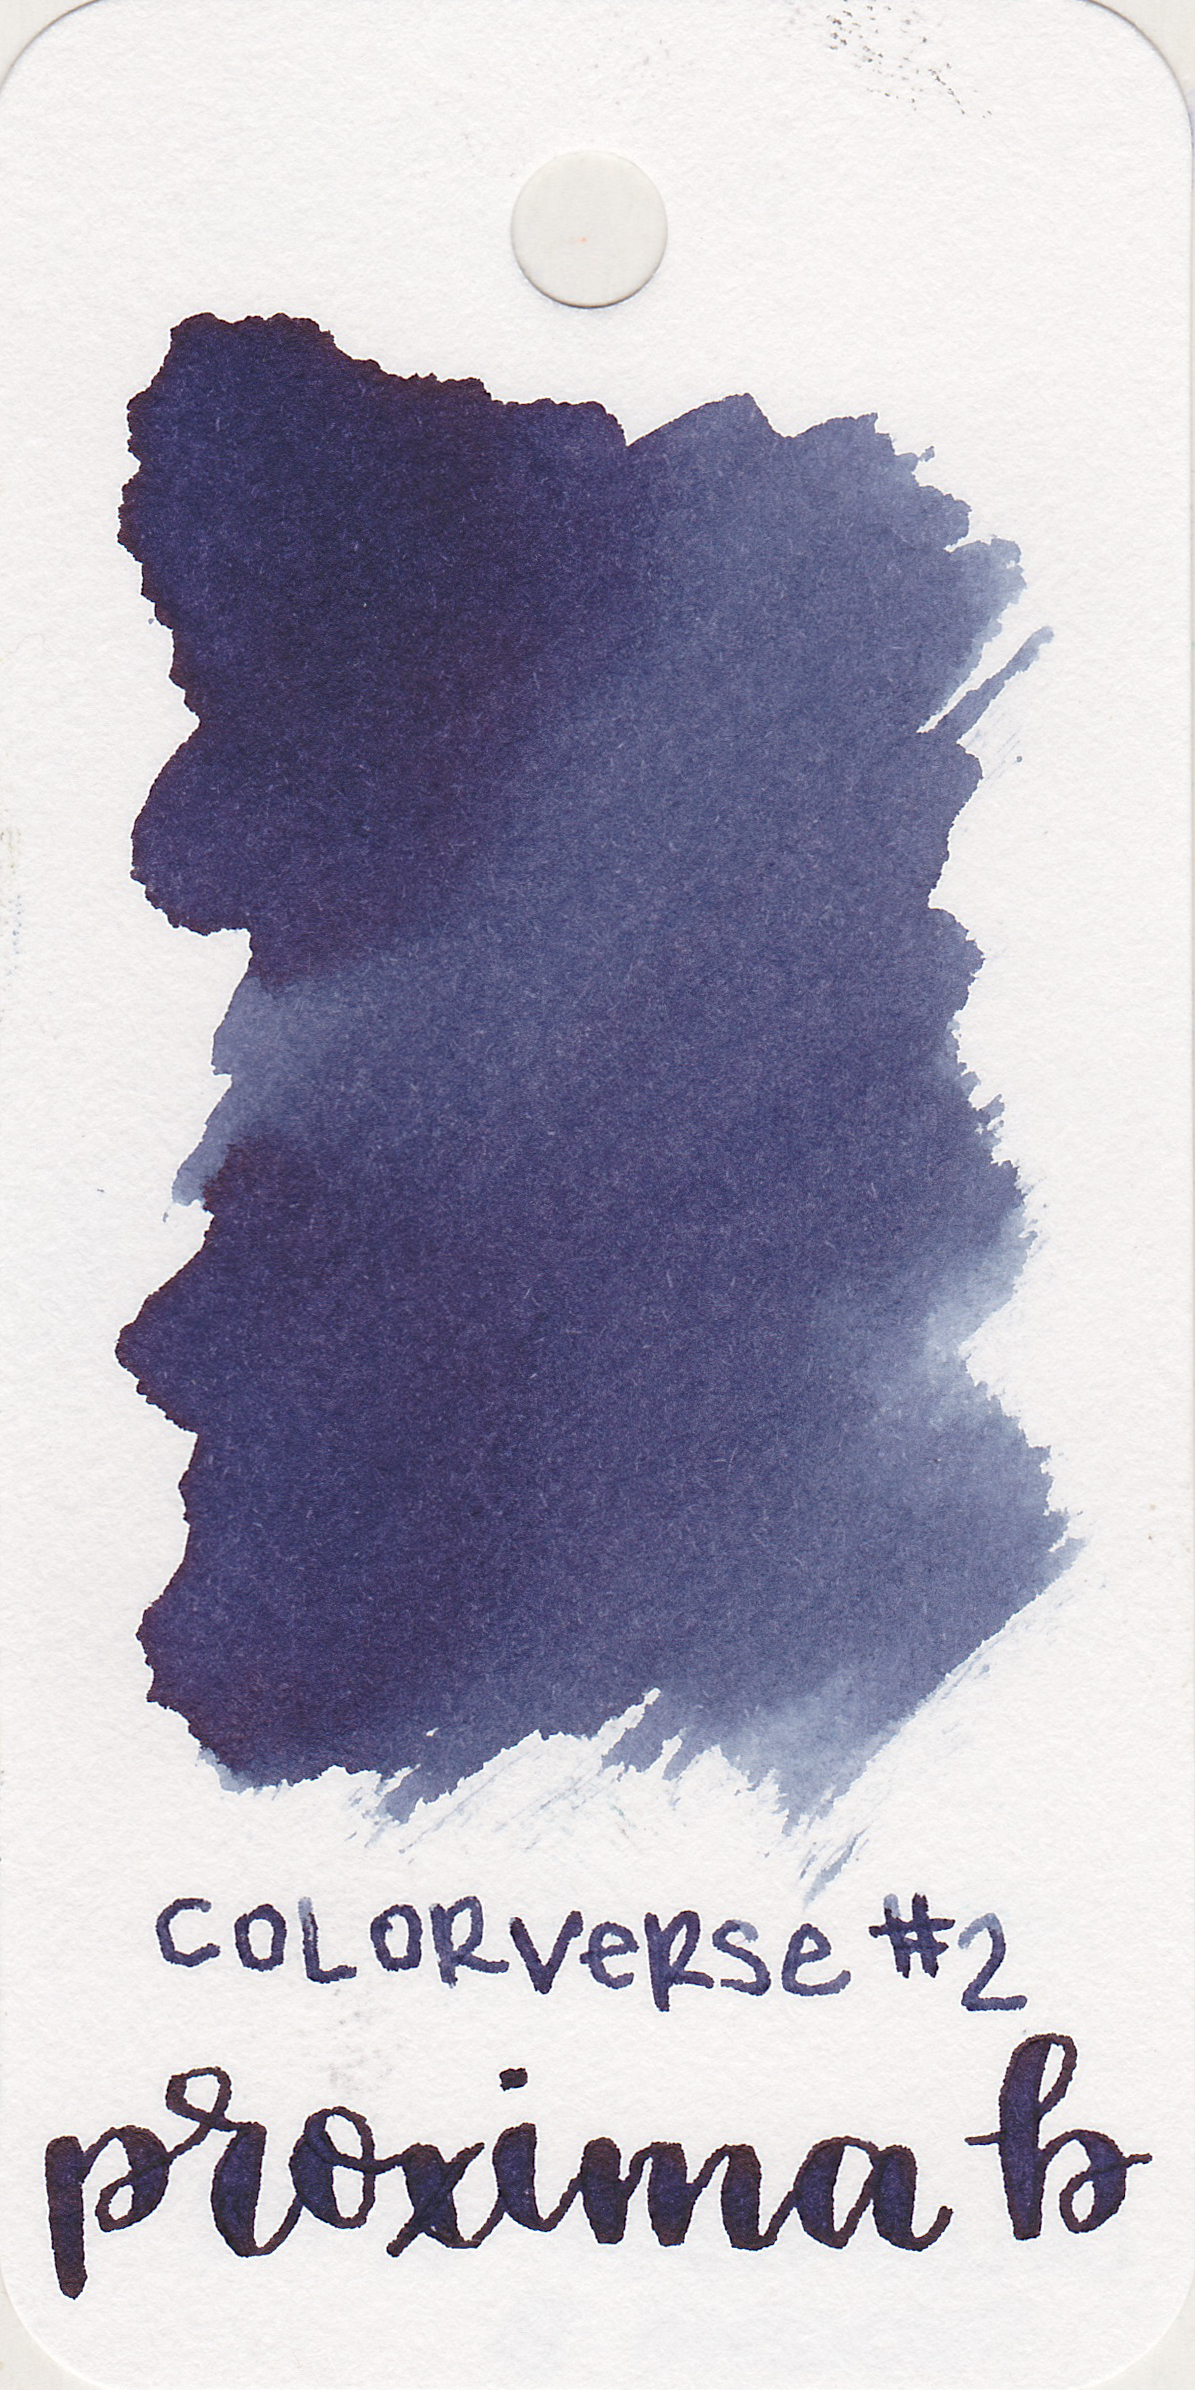 cv-proxima-b-1.jpg